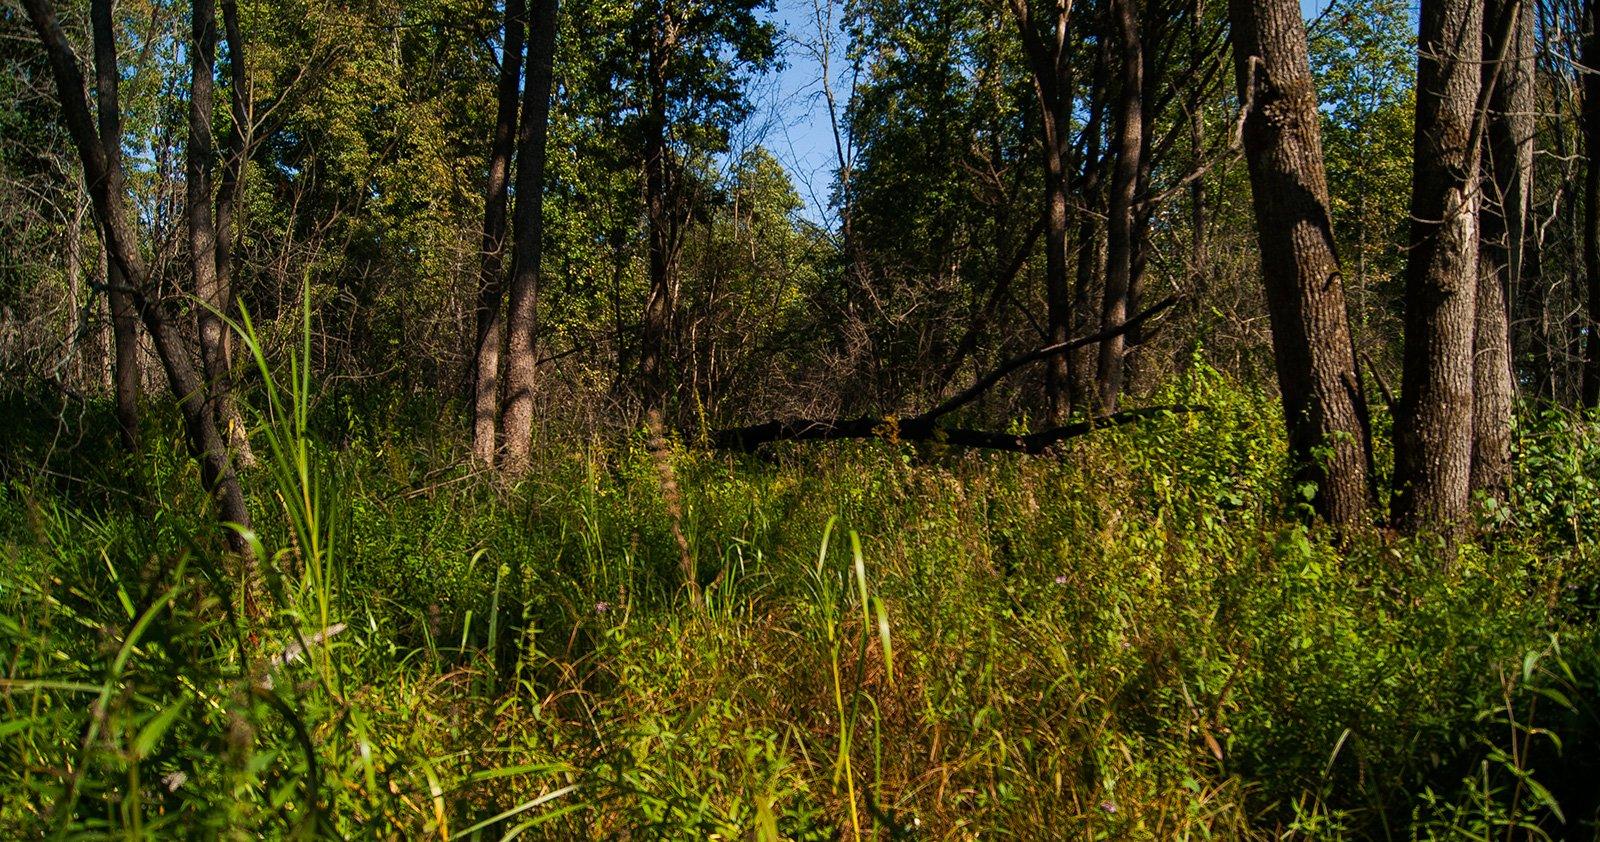 Фотография, конечно, не в полной мере передает, насколько сложно перемещаться по этому лесу